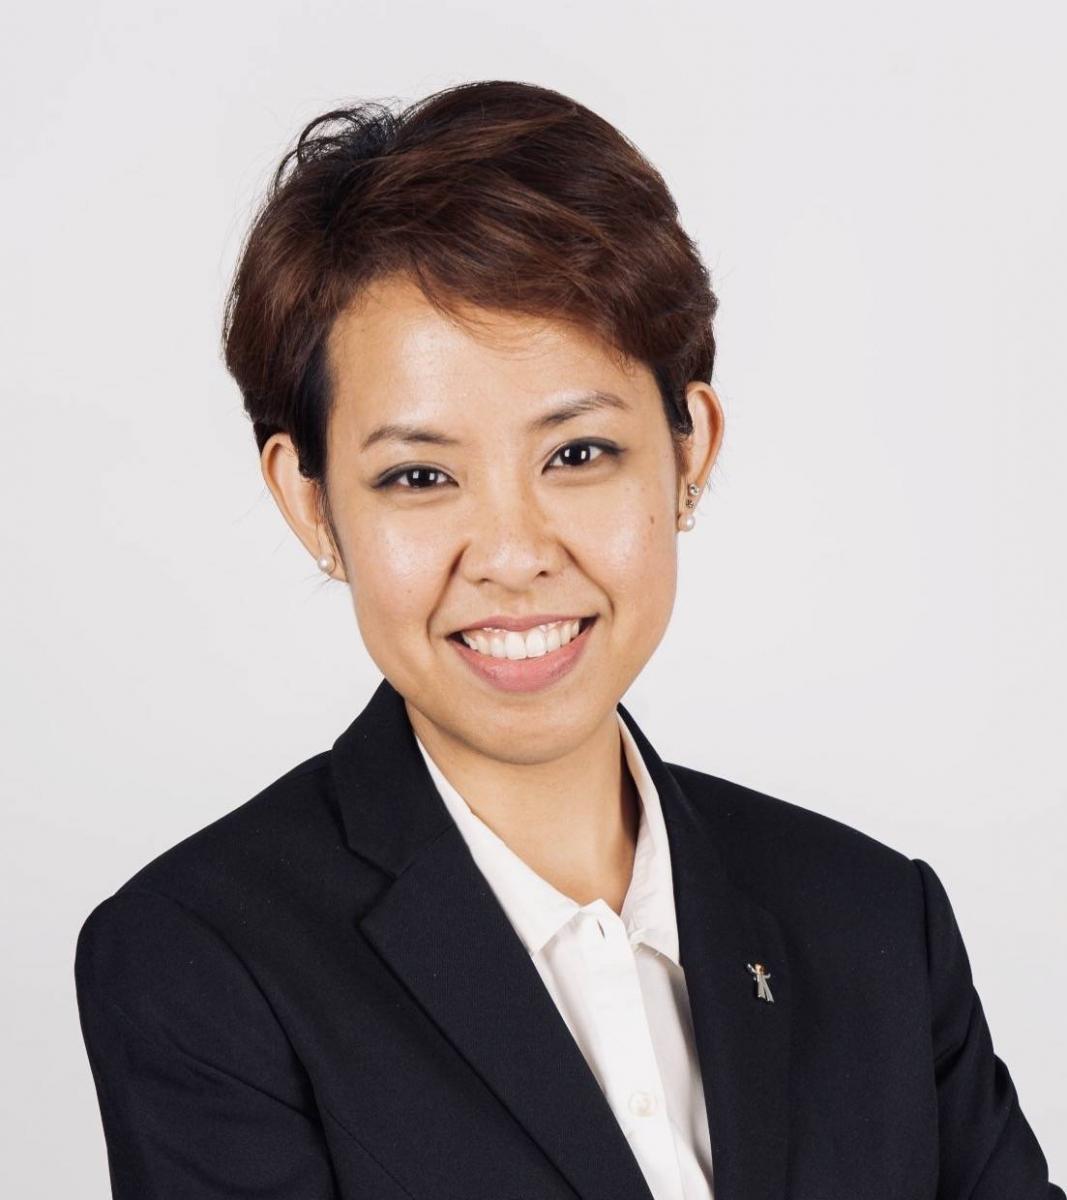 ด้านนางสาวชลธิช ชื่นอุระ ผู้อำนวยการสำนักส่งเสริมข้อกำหนดกรุงเทพและการปฏิบัติต่อผู้กระทำผิด สถาบันเพื่อการยุติธรรมแห่งประเทศไทย